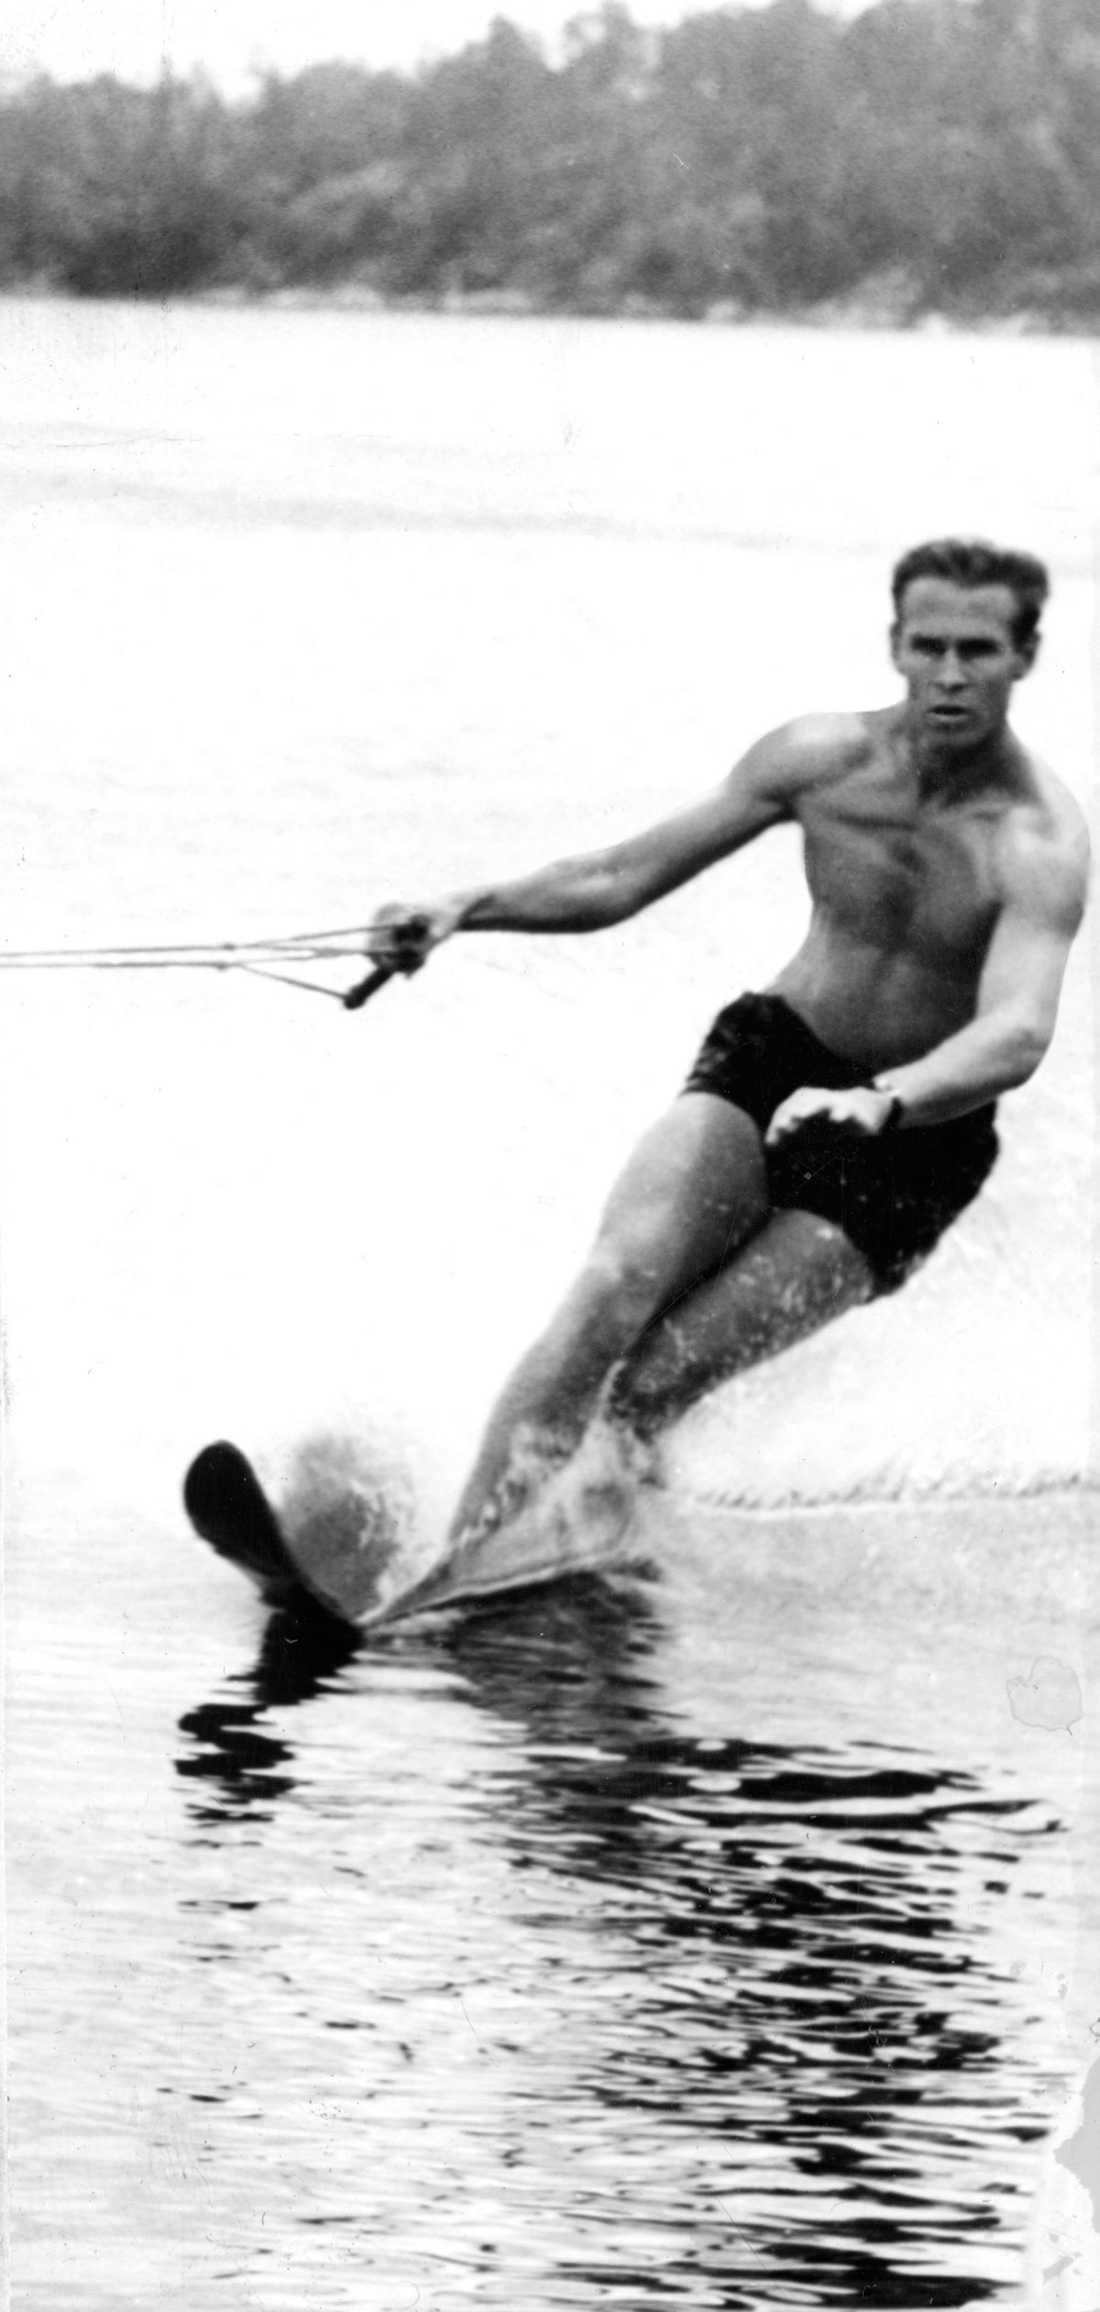 Tumbas vattenshow har rikspremiär i Norrköping 1960.